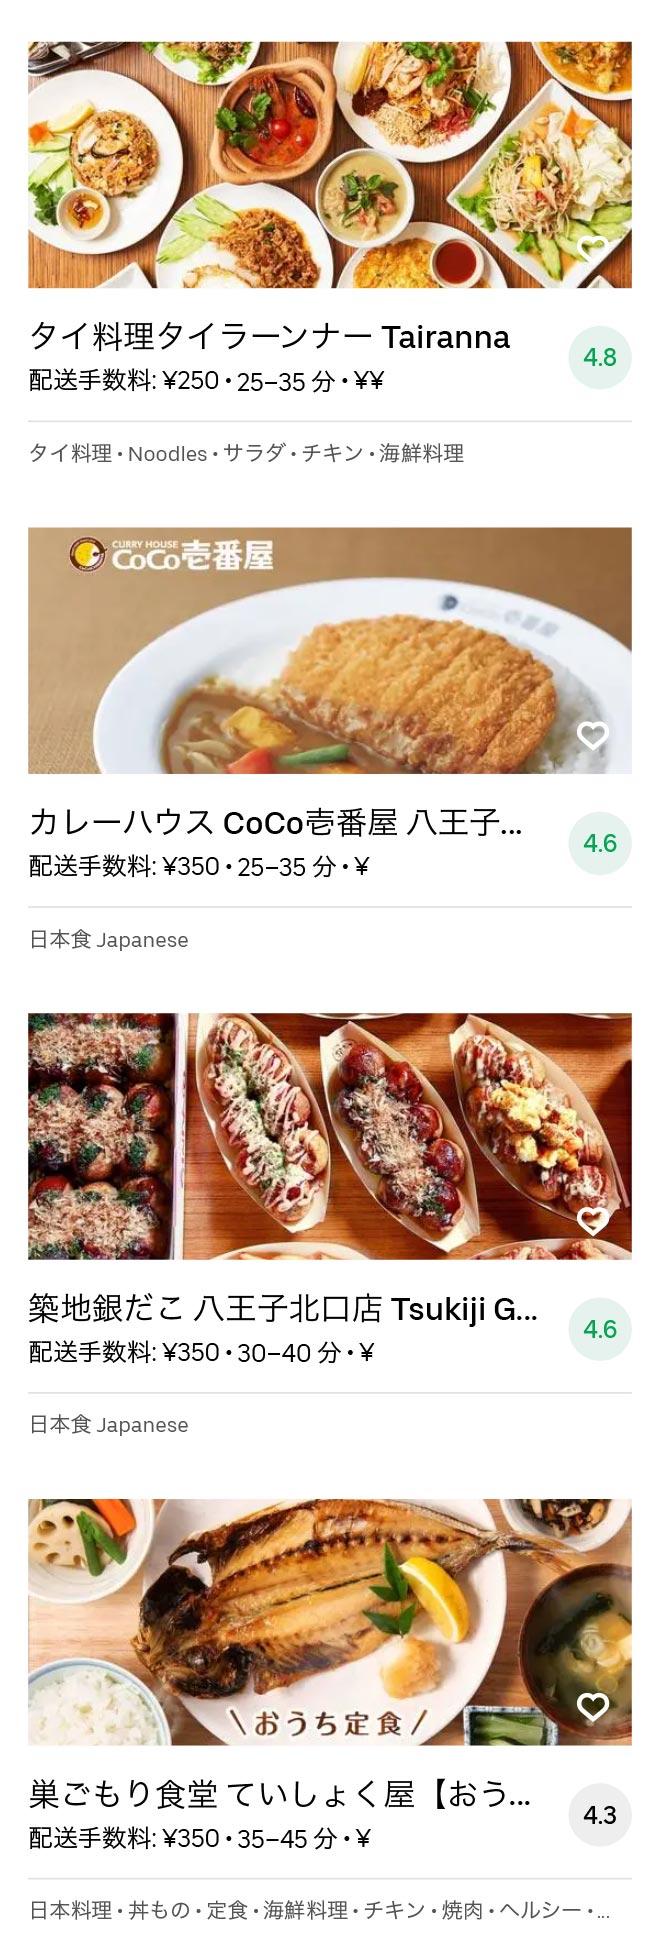 Hatioji minamino menu 2010 09